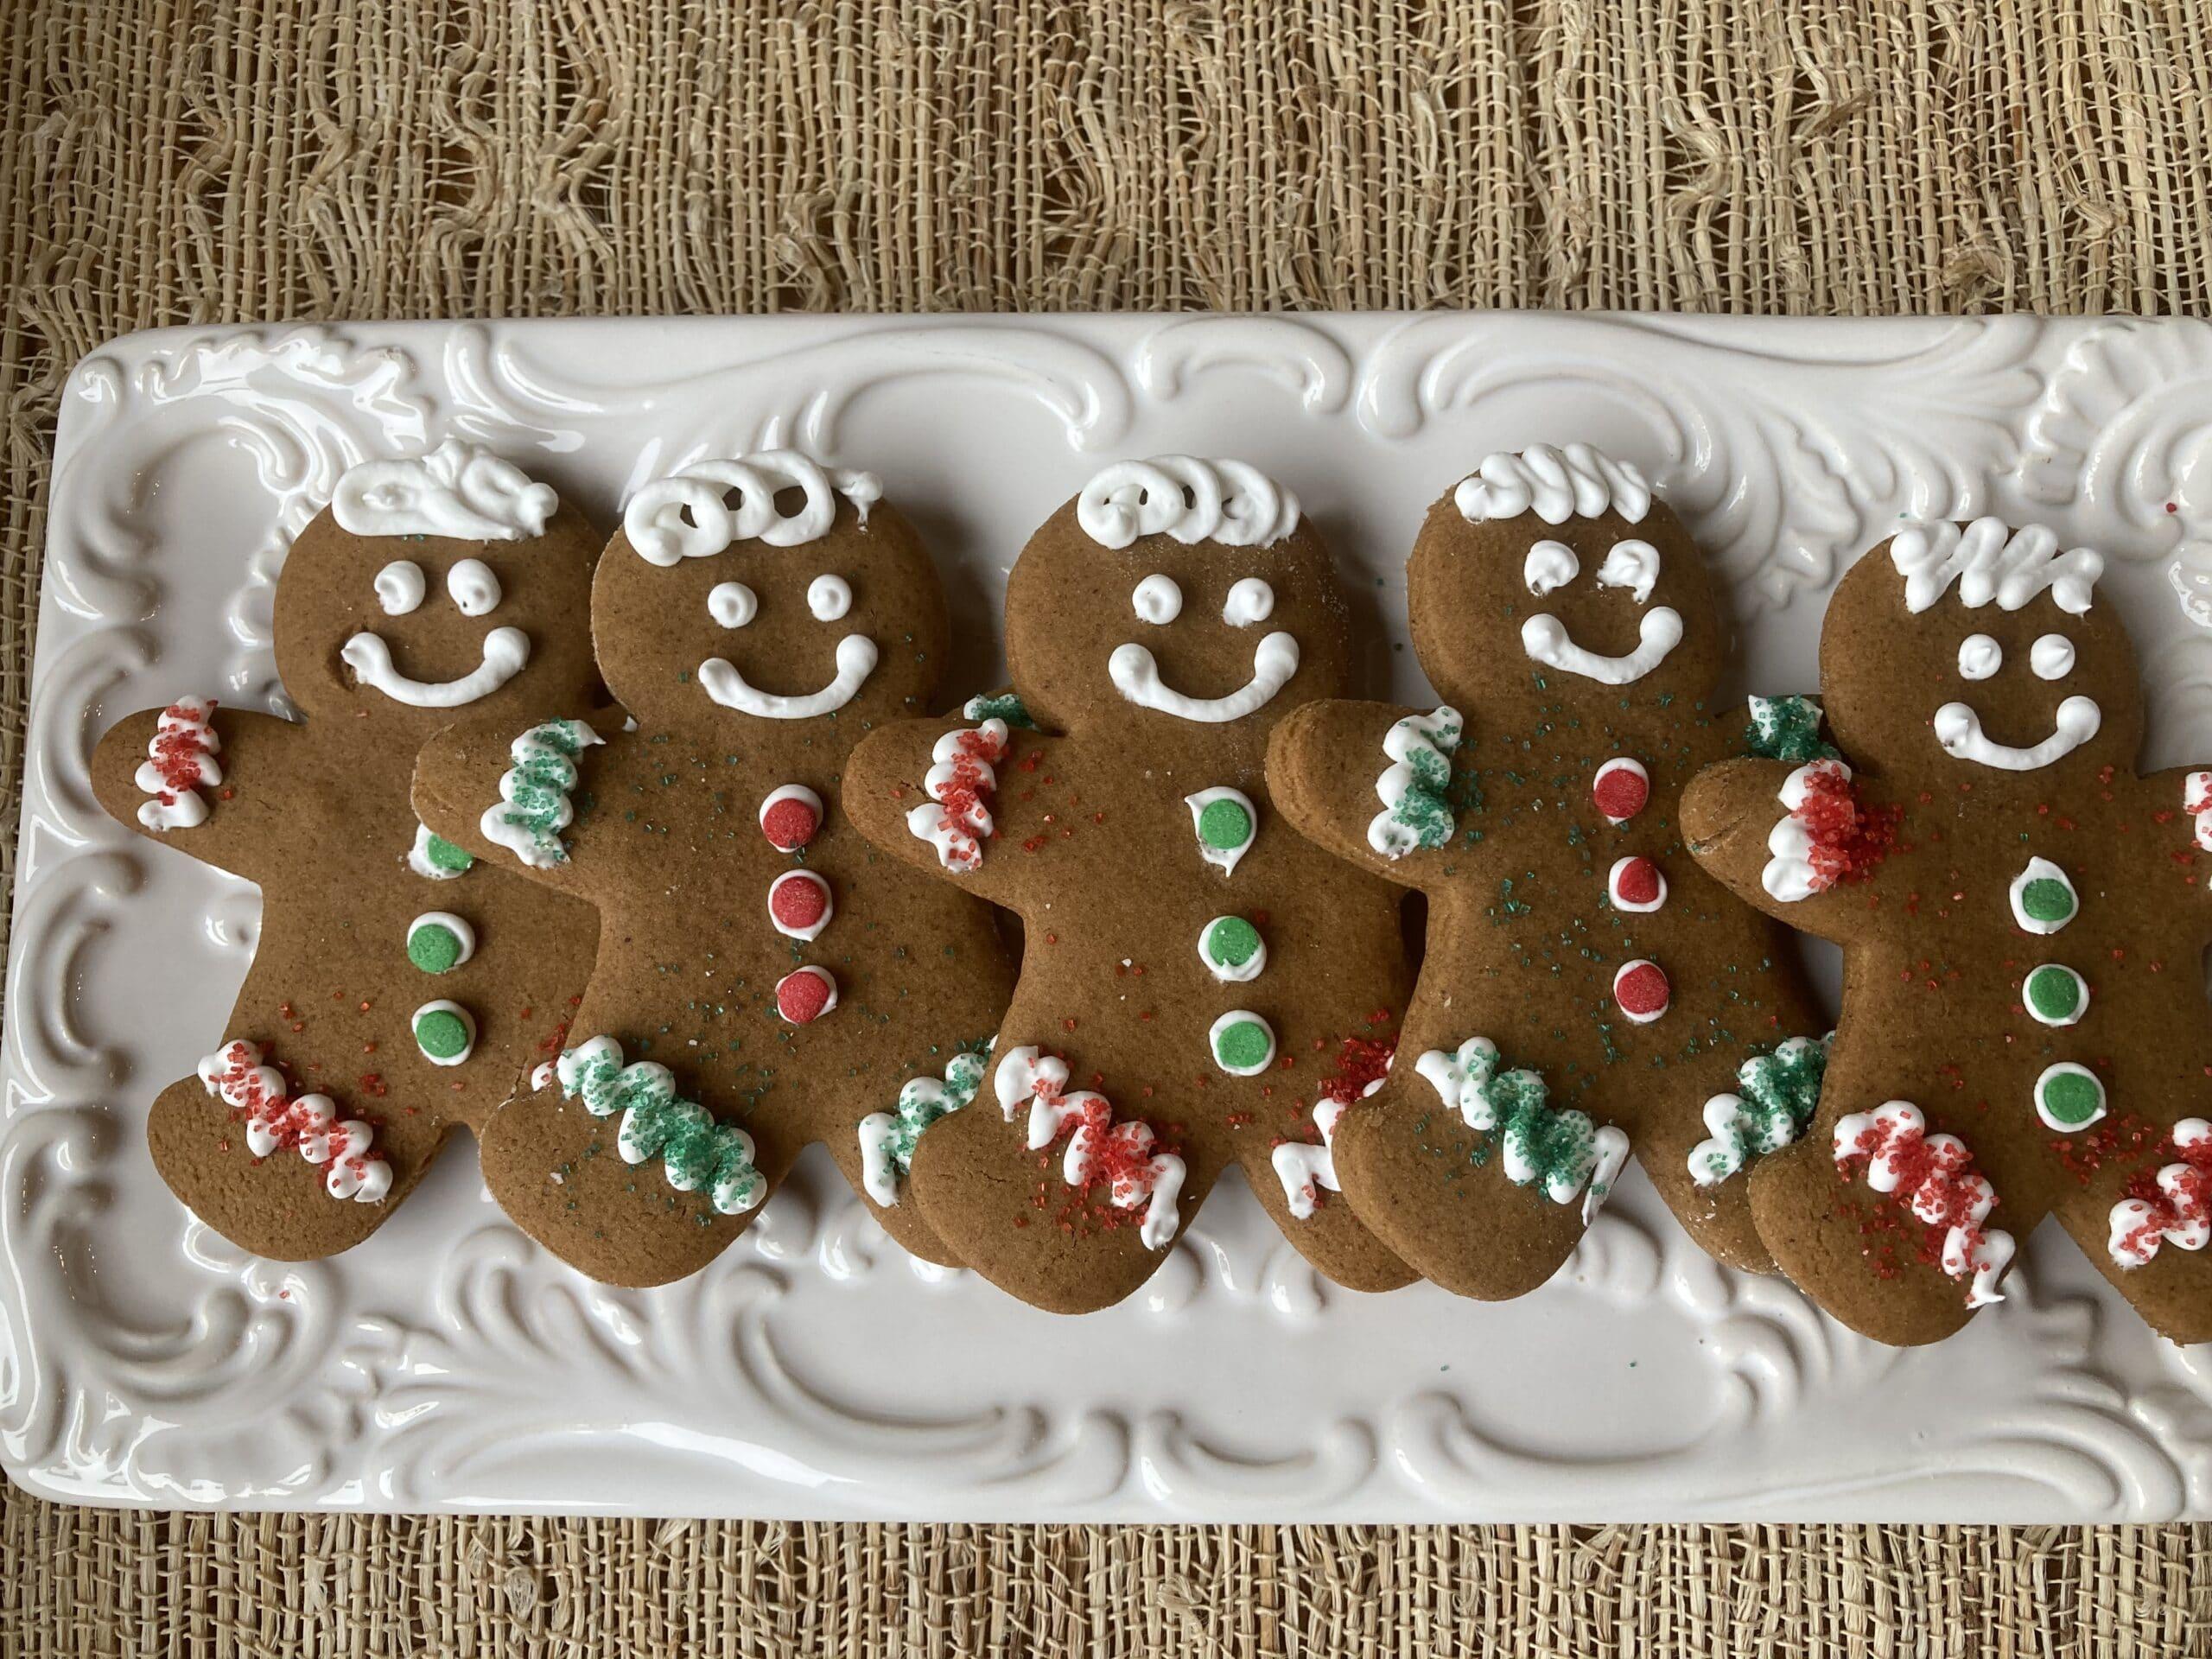 Gingerbread men cookies on platter